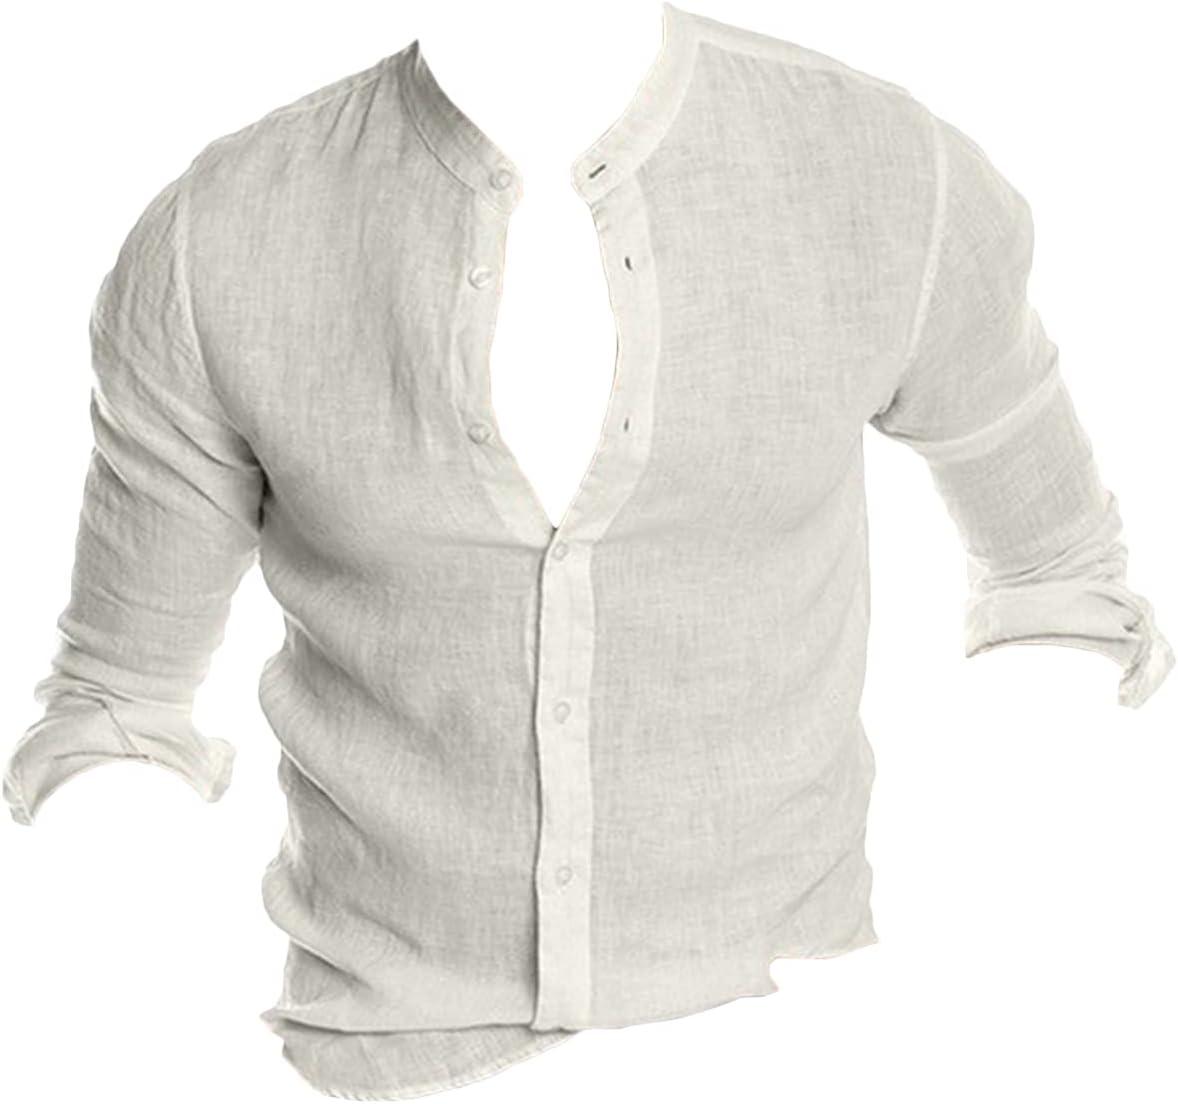 Men's Cotton Linen Button Down Dress Shirt Regular Fit Long Sleeve Casual Beach Tops for Men Summer Loose V Neck Shirts (White,Medium)